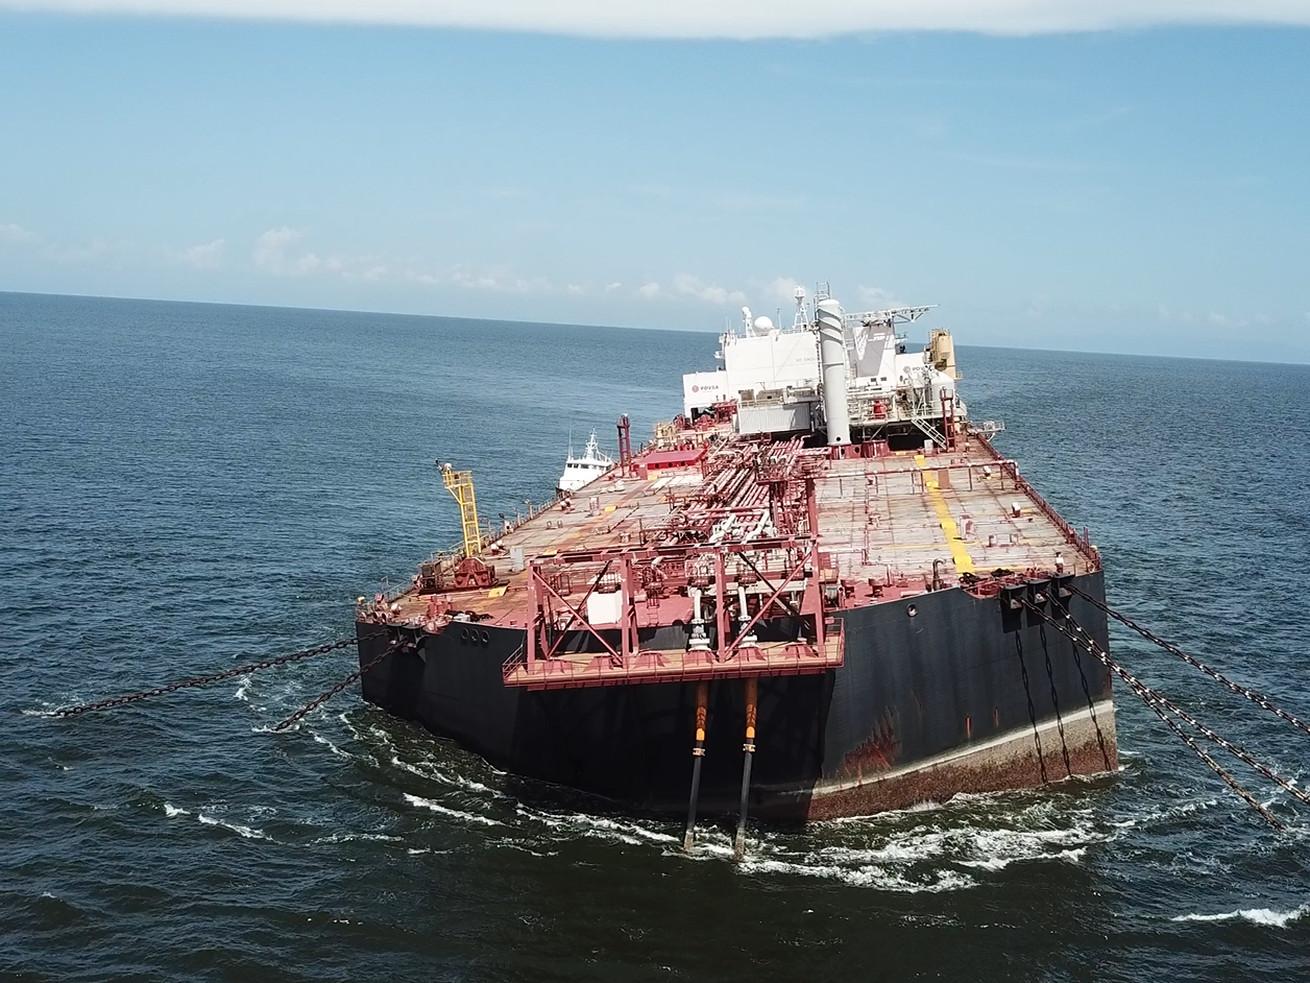 Venezuela : un pétrolier endommagé fait craindre une catastrophe environnementale